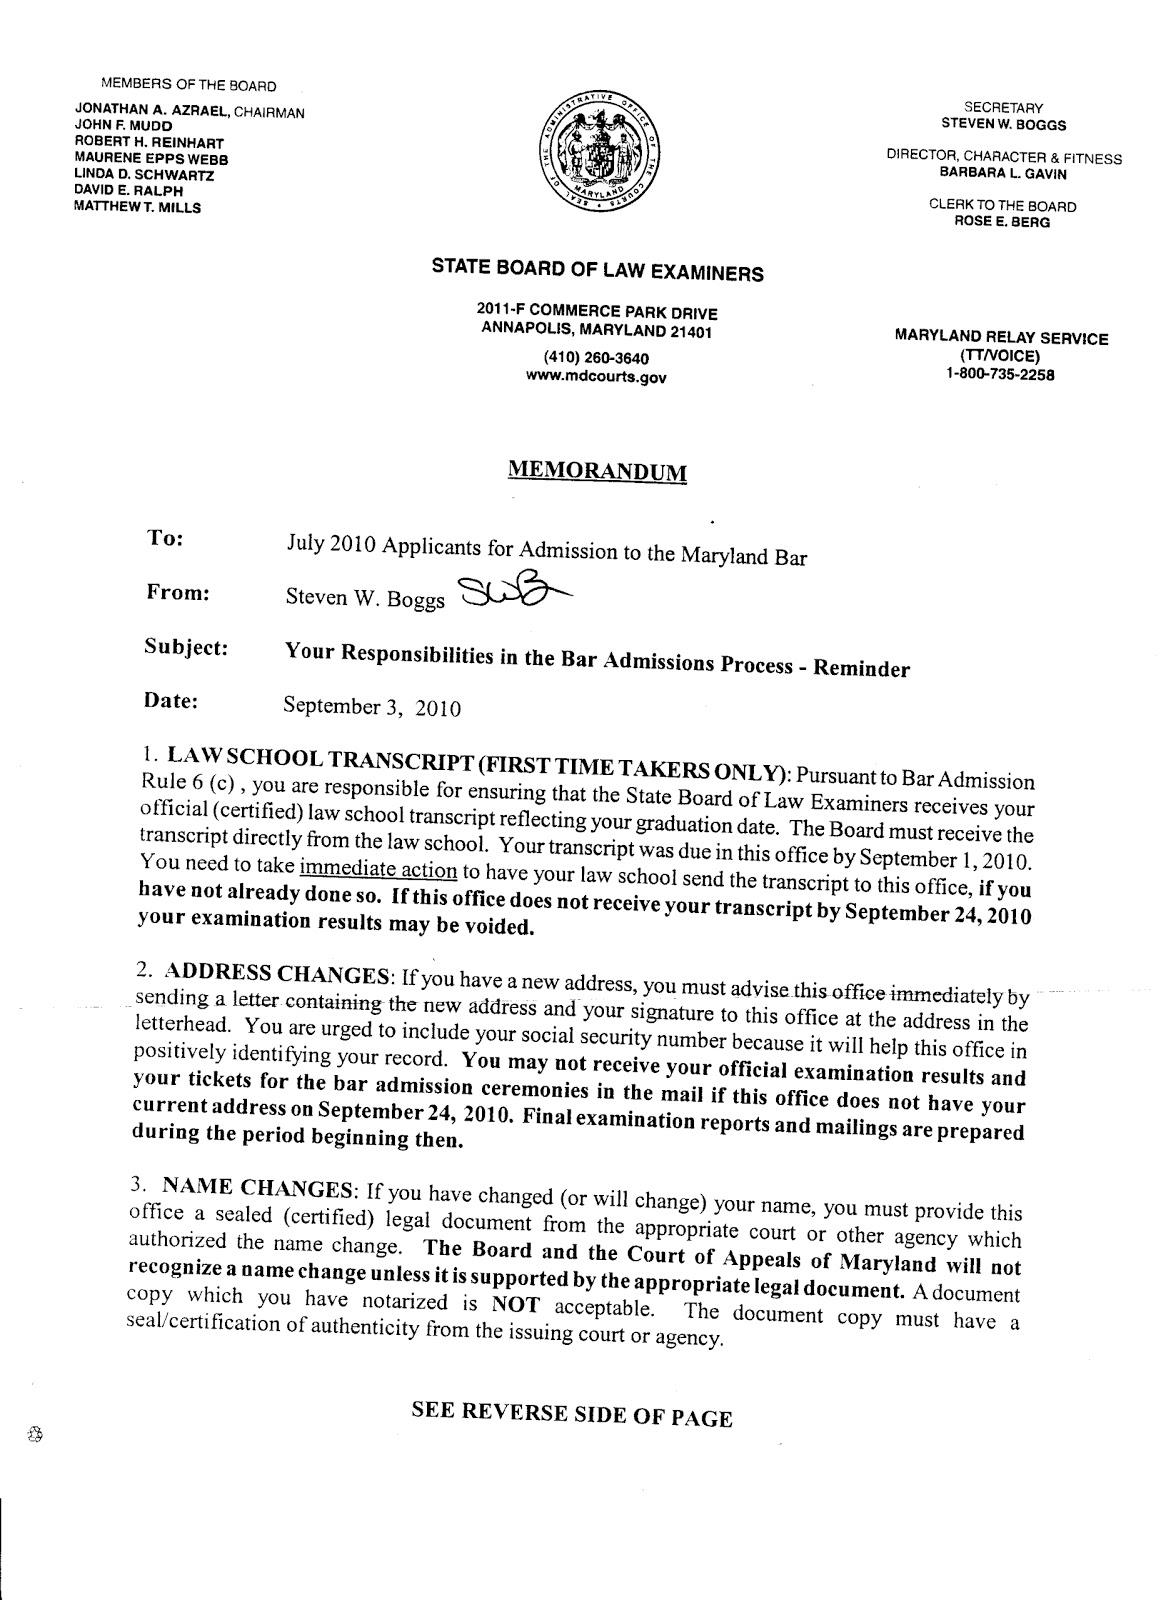 Sample Admission Appeal Letter